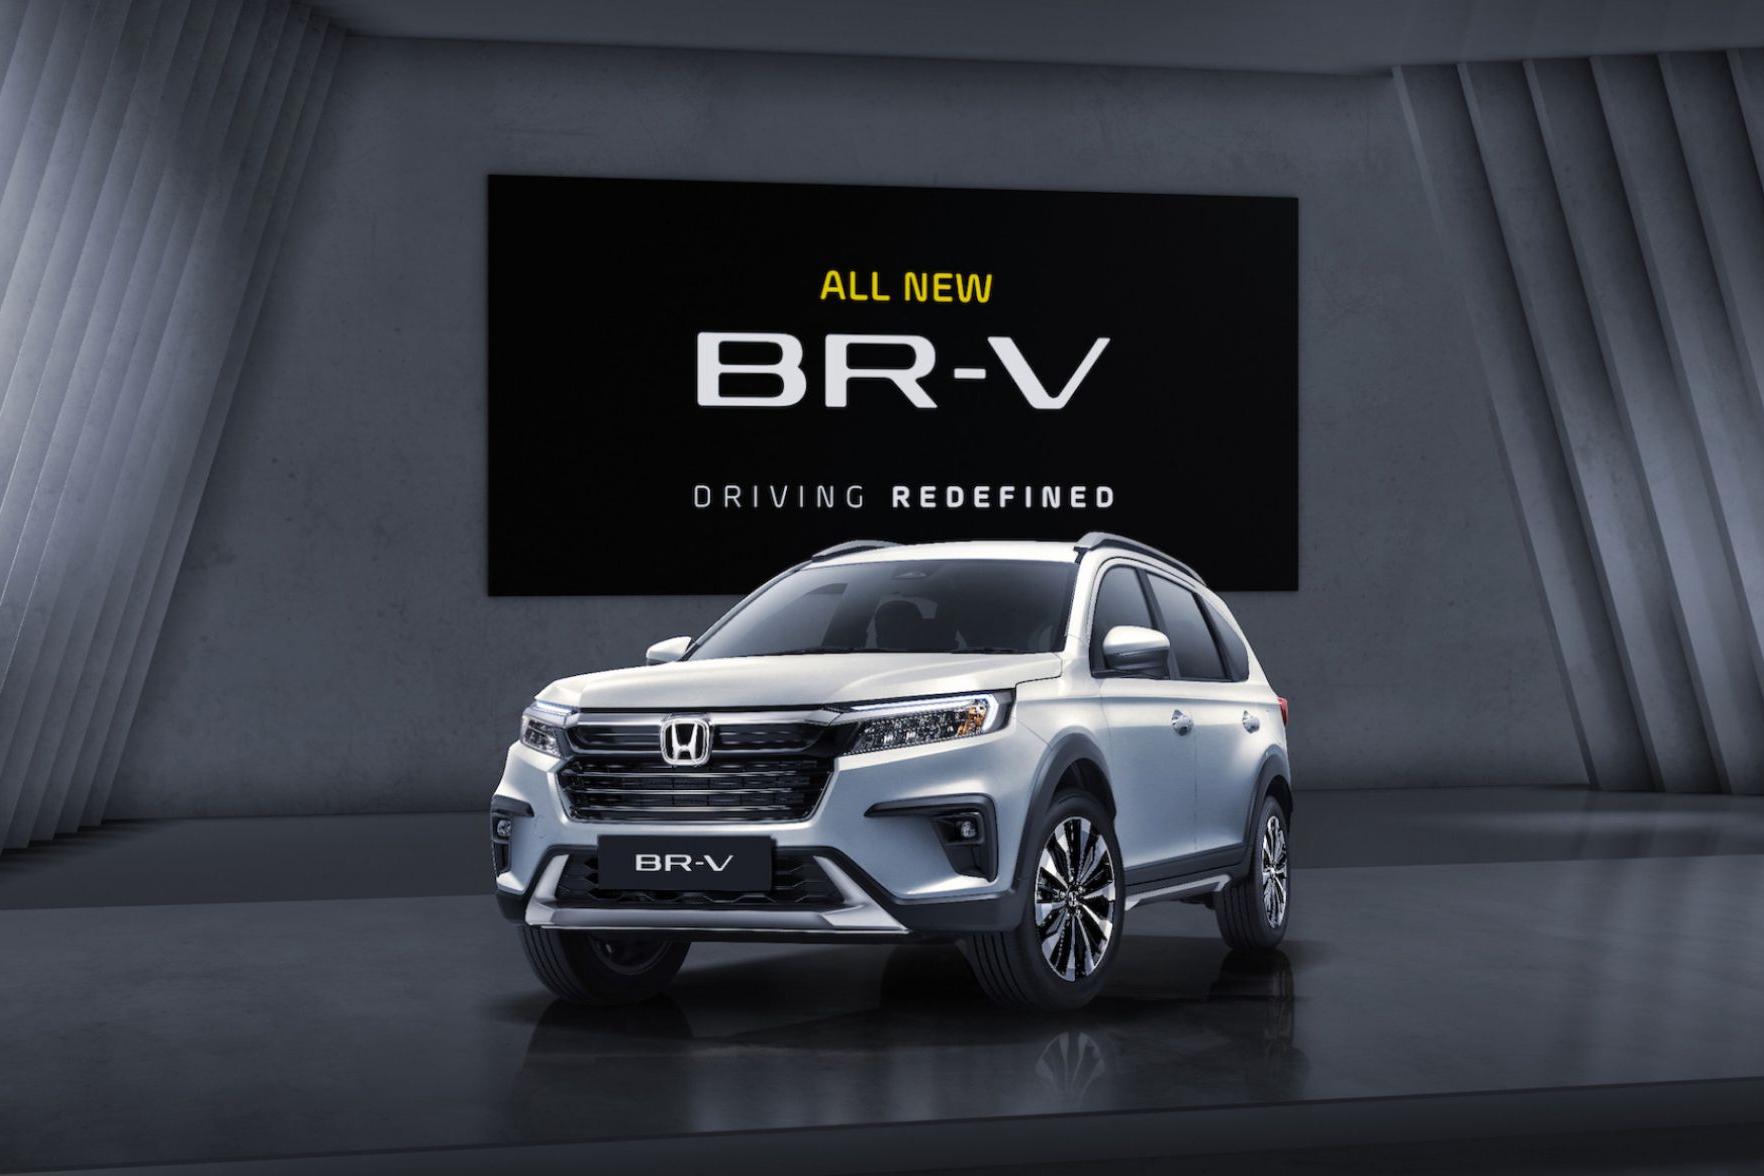 三排七座布局,全新本田BR-V在印度尼西亚亮相